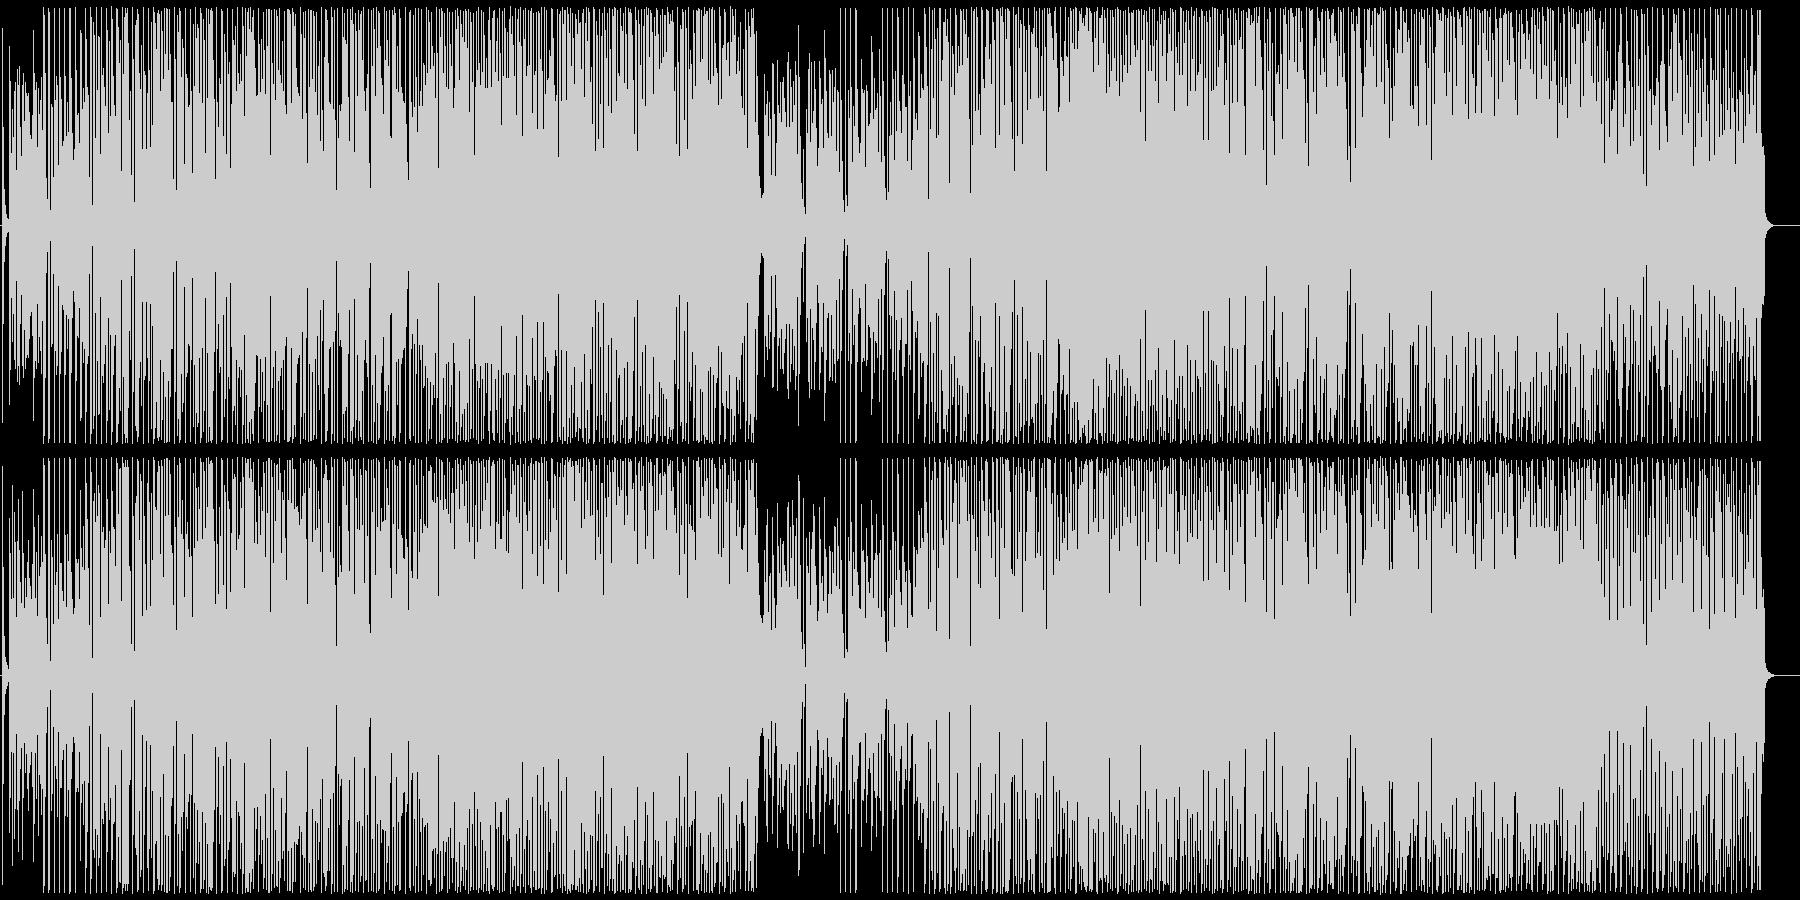 リズミカルではつらつとした雰囲気のBGMの未再生の波形